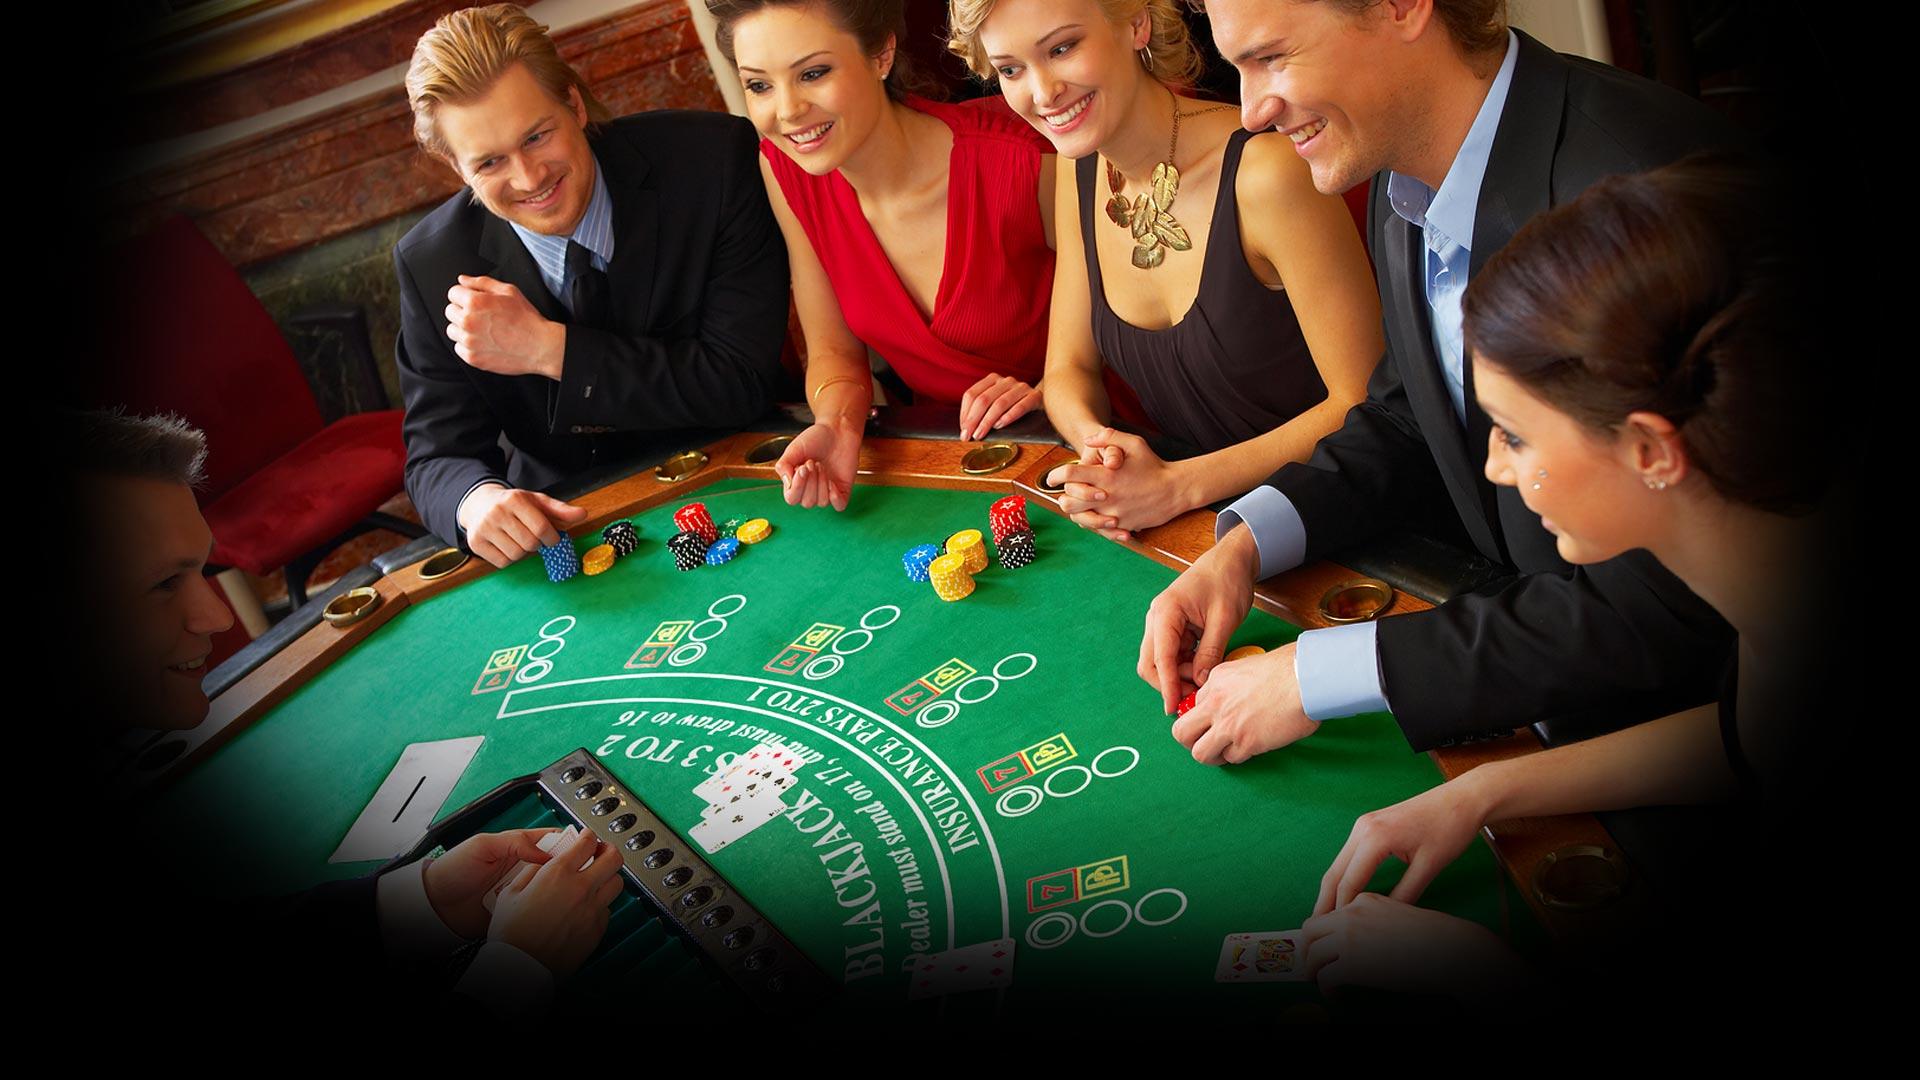 Bien jouer au blackjack online